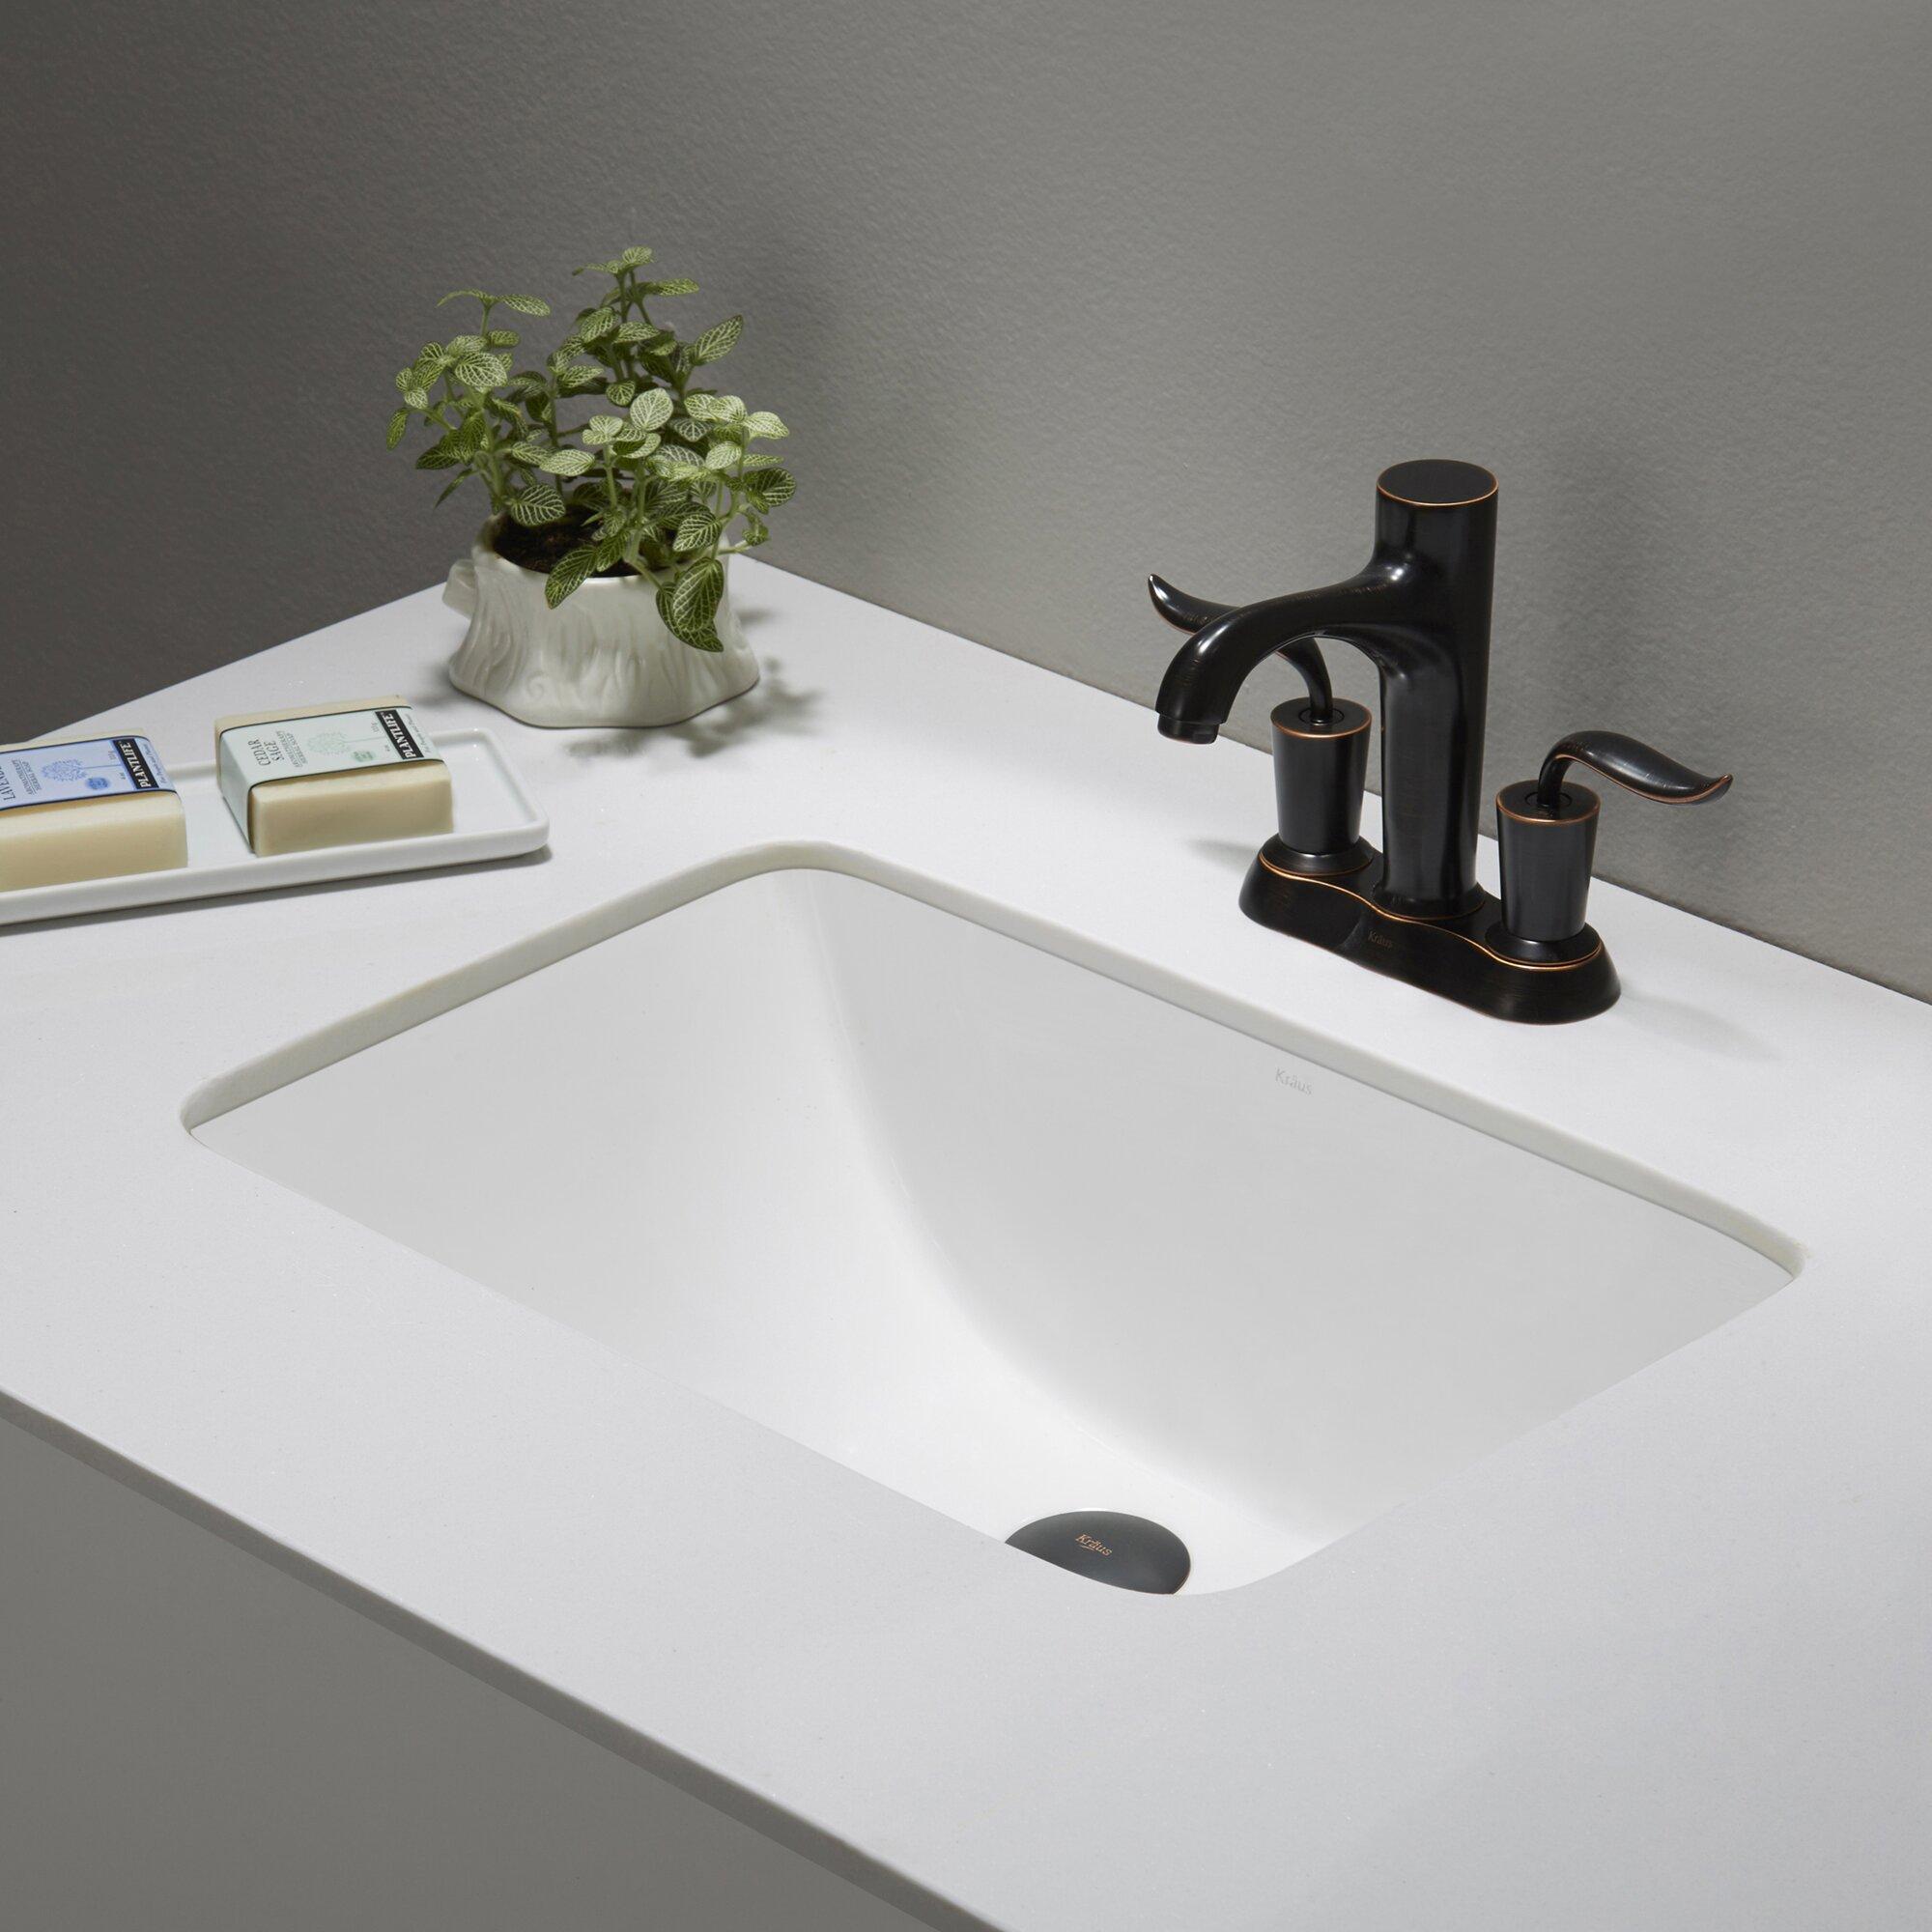 Kraus Elavo Ceramic Rectangular Undermount Bathroom Sink with Overflow ...